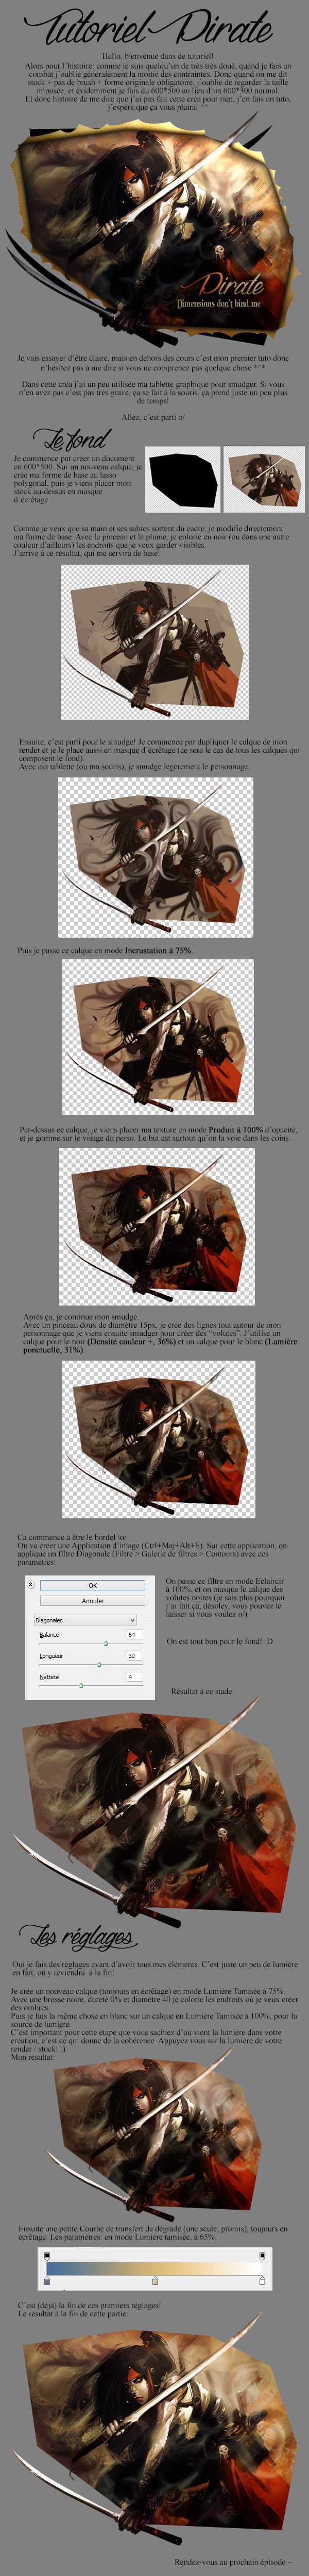 Création complète Pirate (niveau intermédiaire) 203413tutopirate1